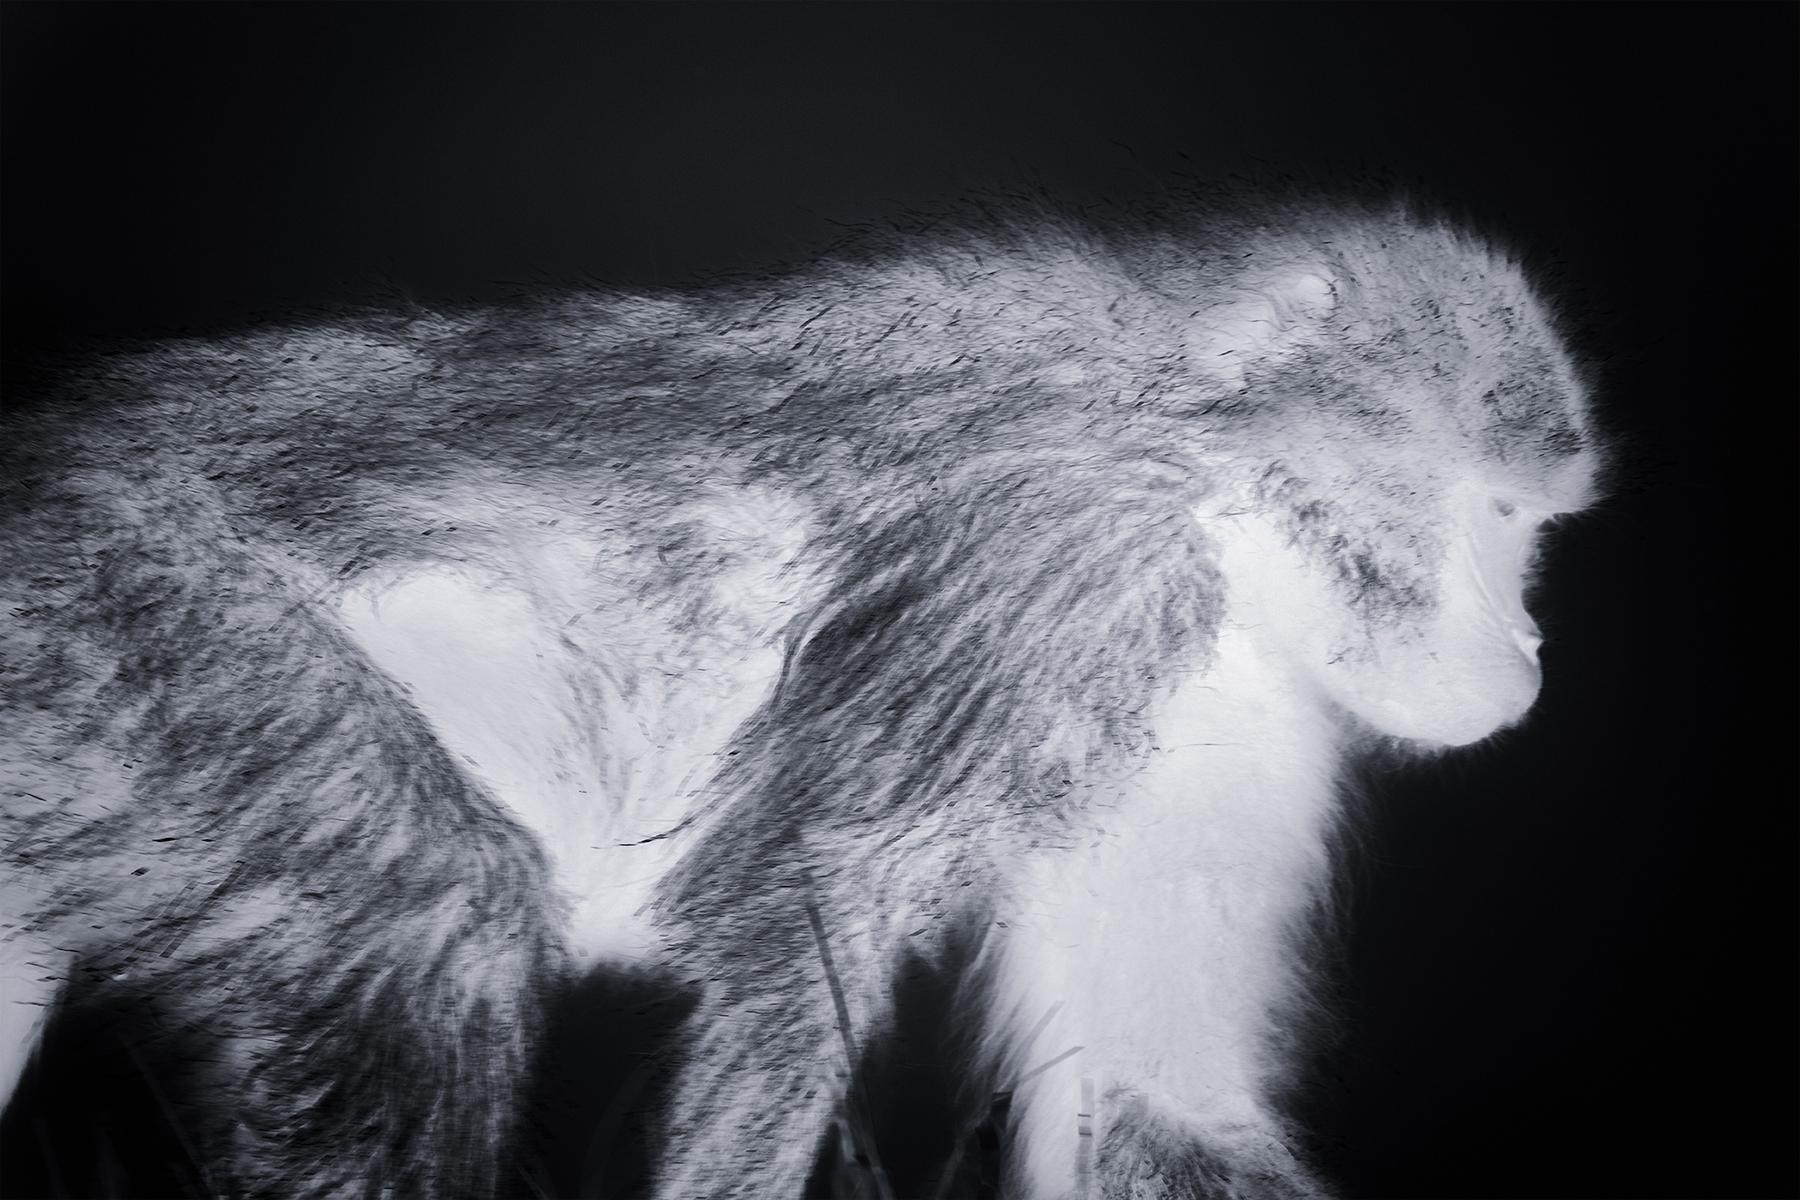 Lennette_Newell gelada monkey.jpg